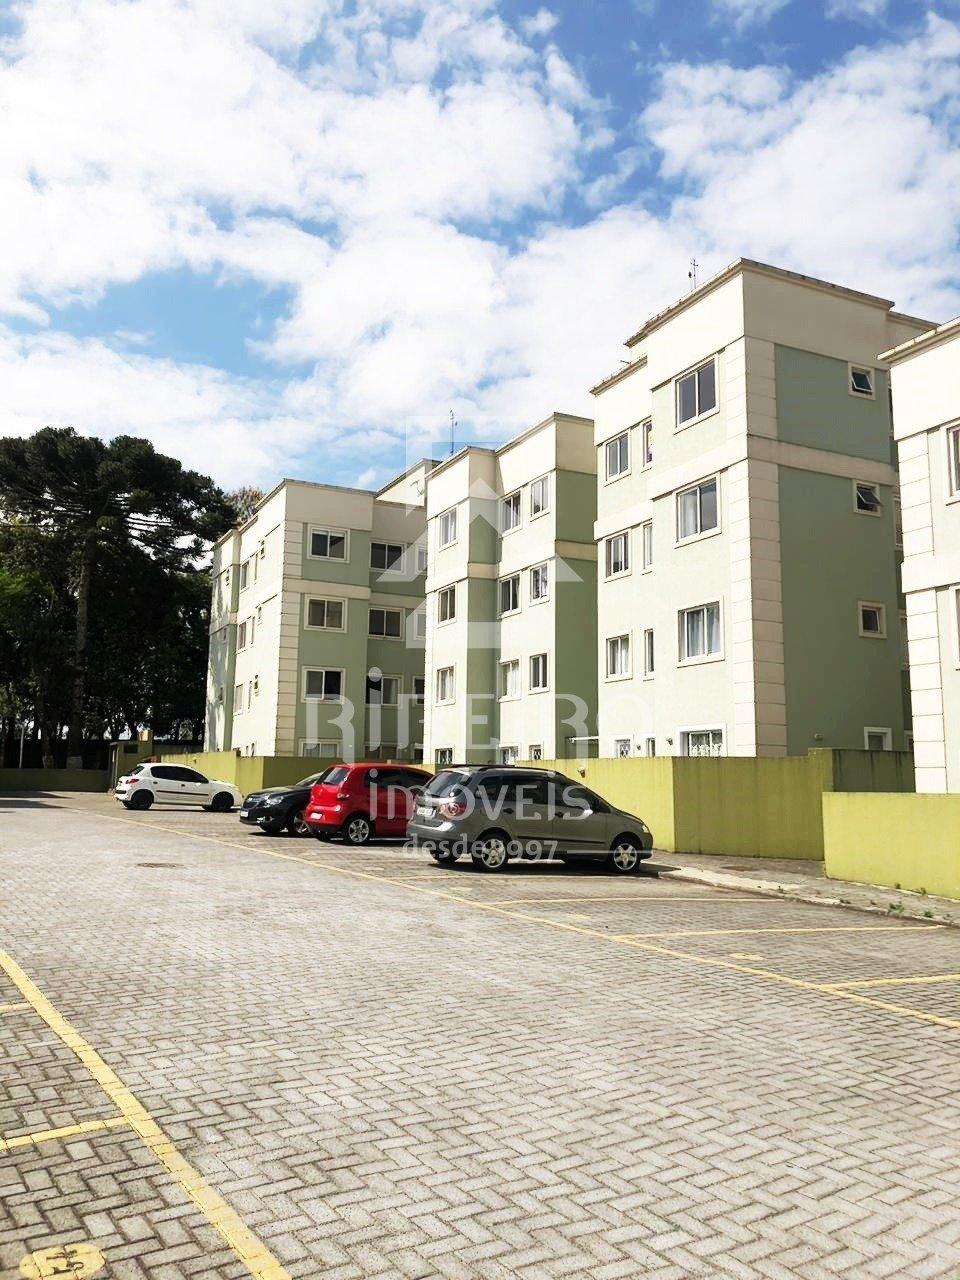 REF. 8371 -  São José Dos Pinhais - Rua  Constante Moro Sobrinho, 1560 - Apto 31 - Bl 05